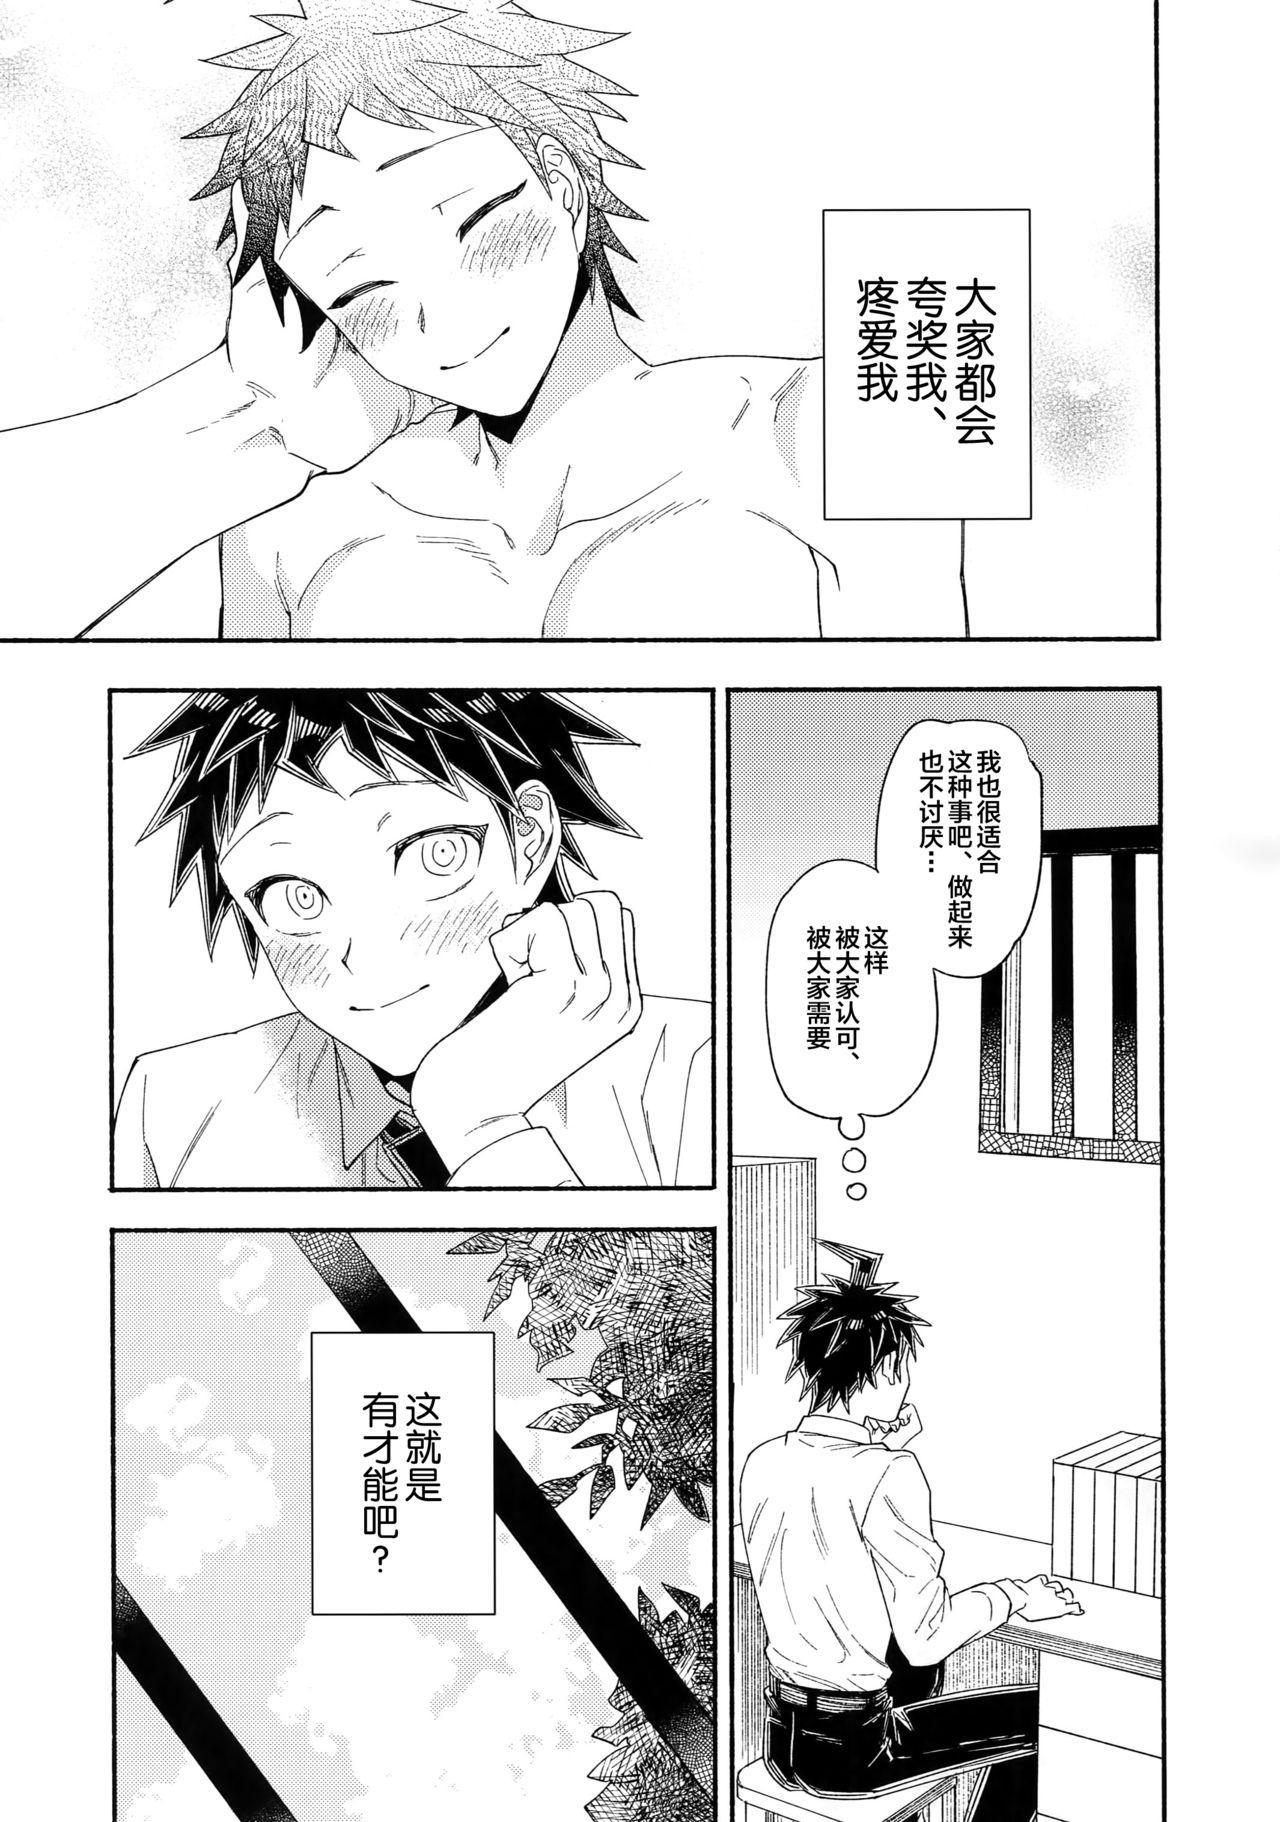 Aisareru Yobi Gakka 22